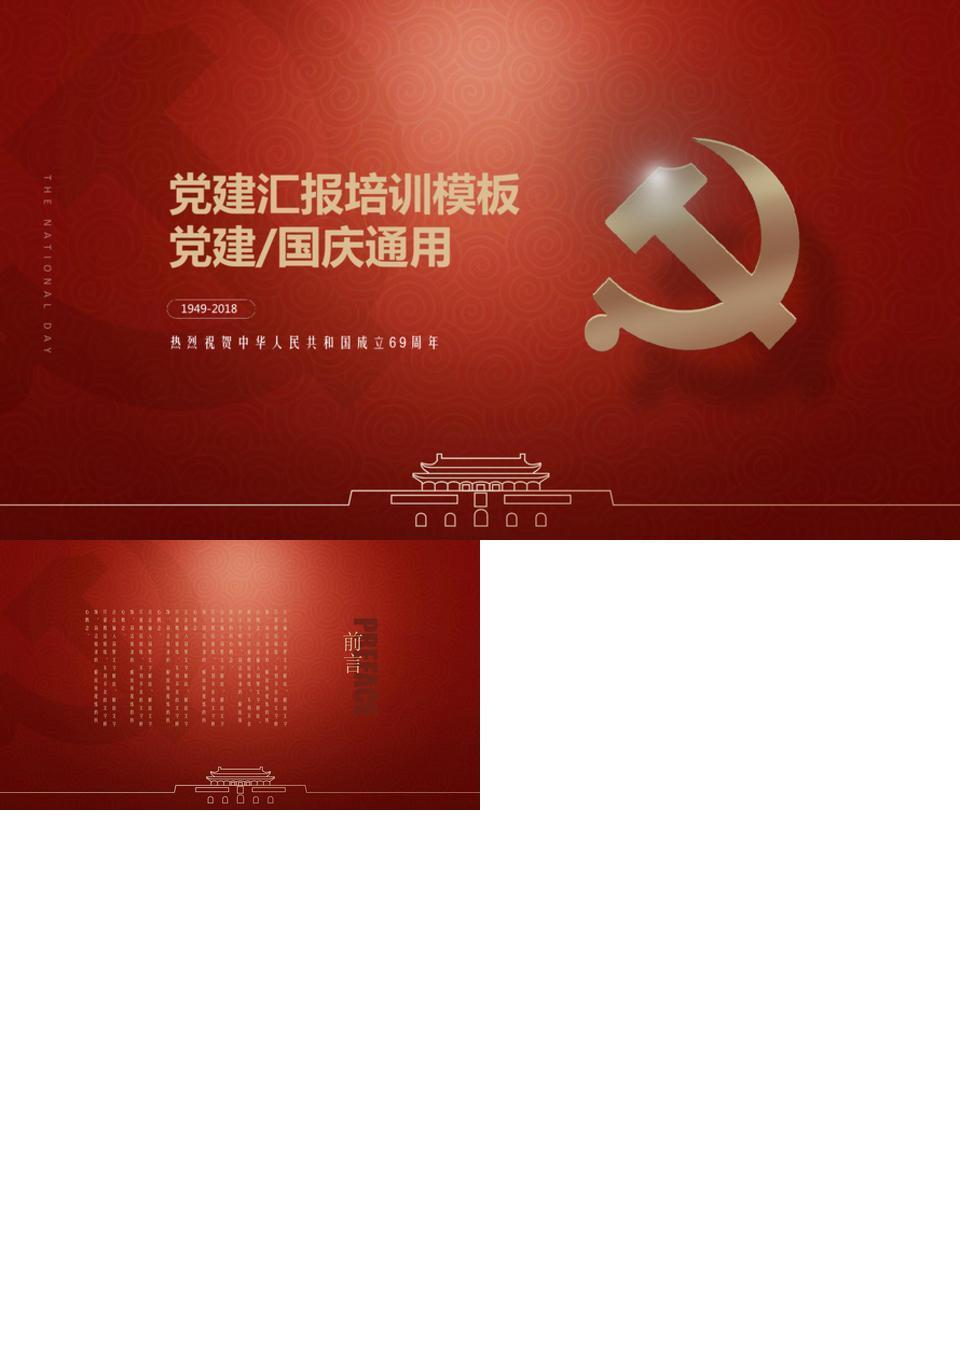 红金现代中国风党建国庆PPT模板